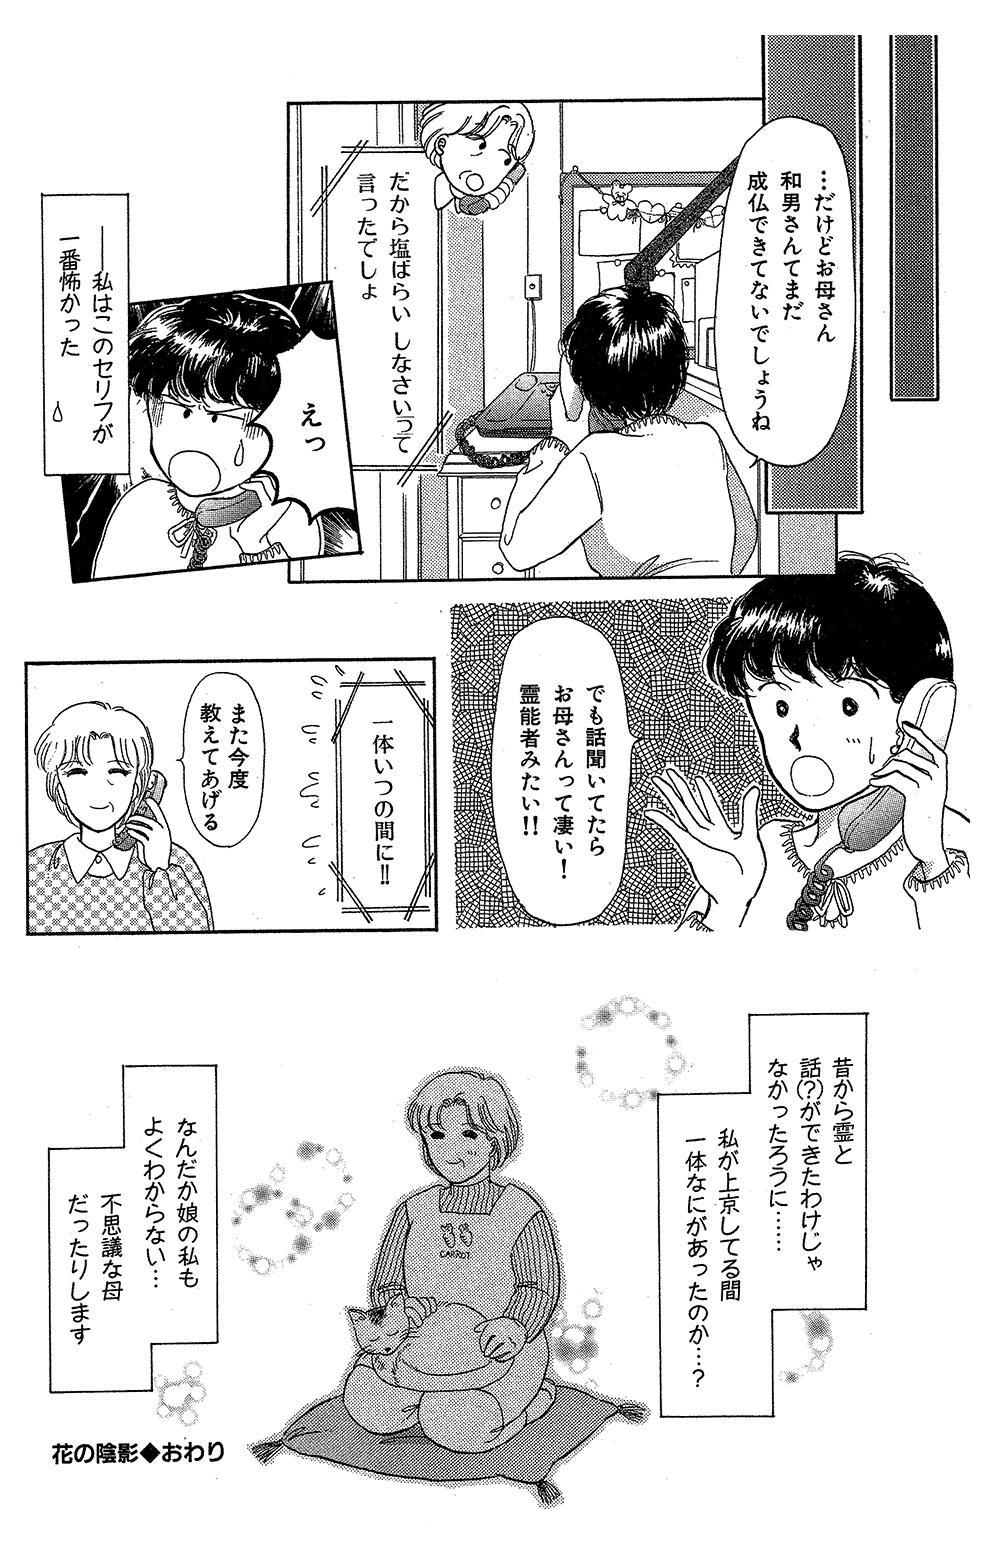 霊感ママシリーズ 第1話「花の陰影」③reikan30.jpg